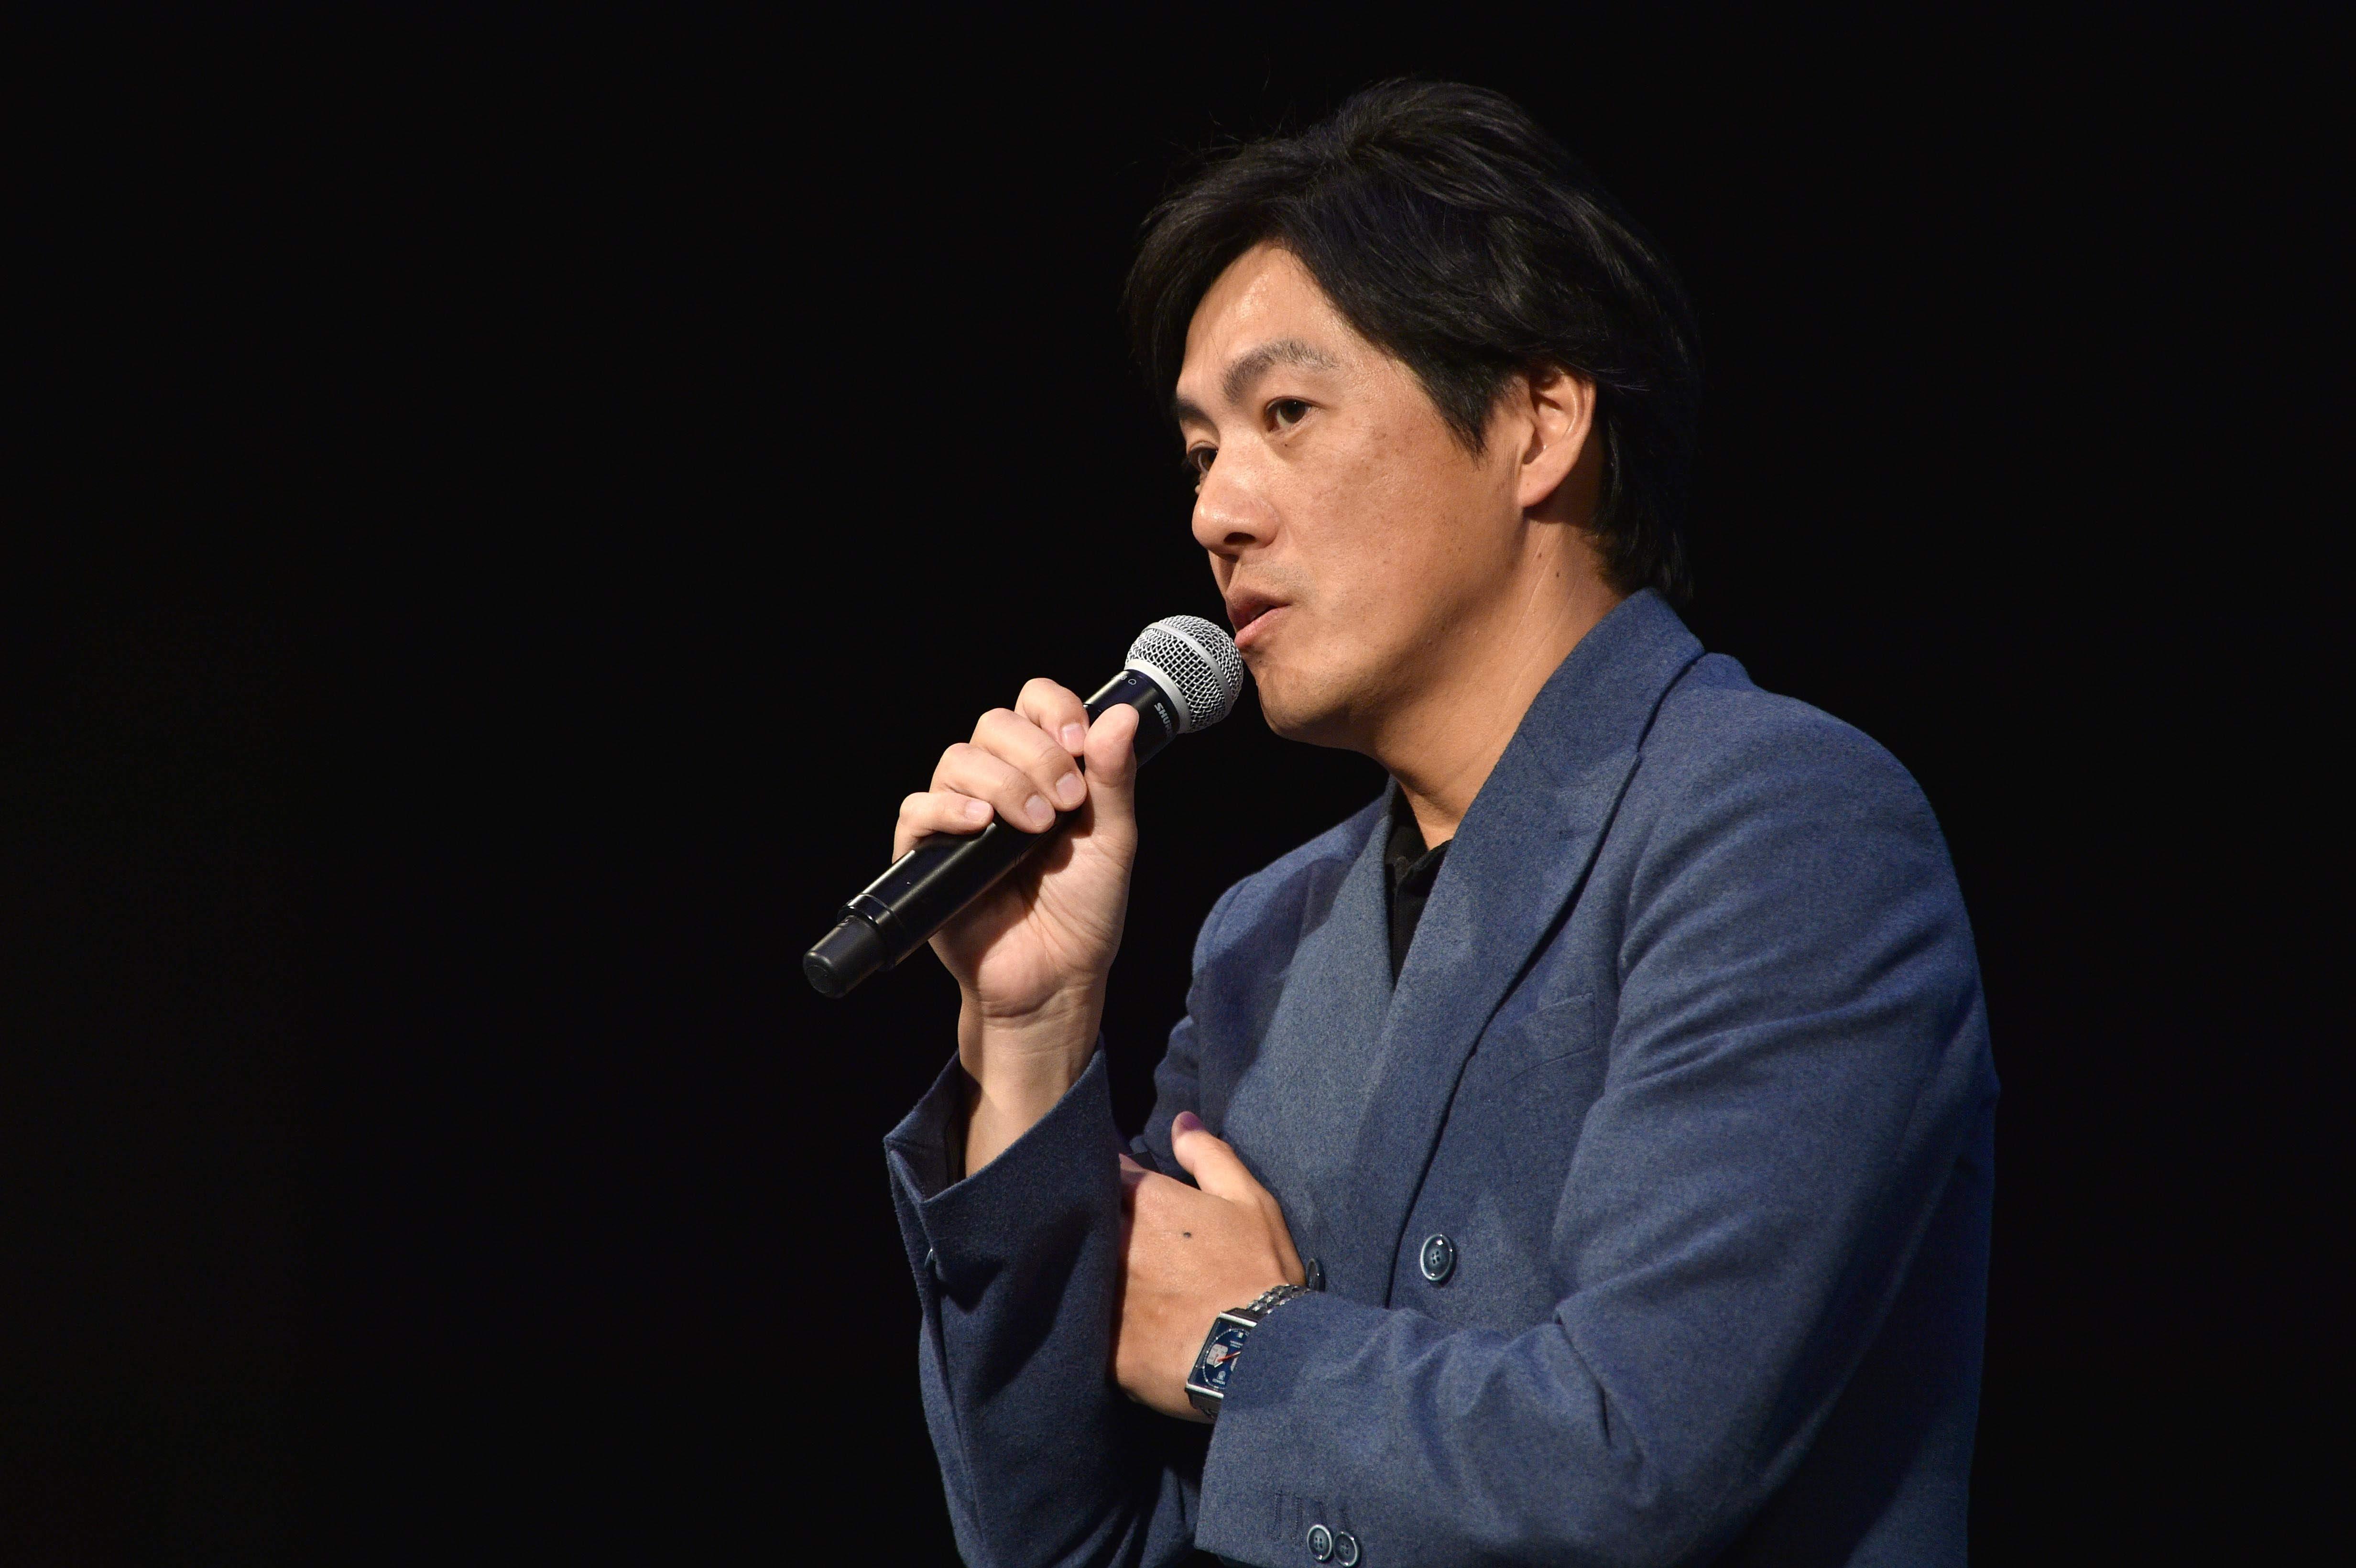 5_ヤマハの畑リーダー_Mr. Hata from Yamaha.JPG